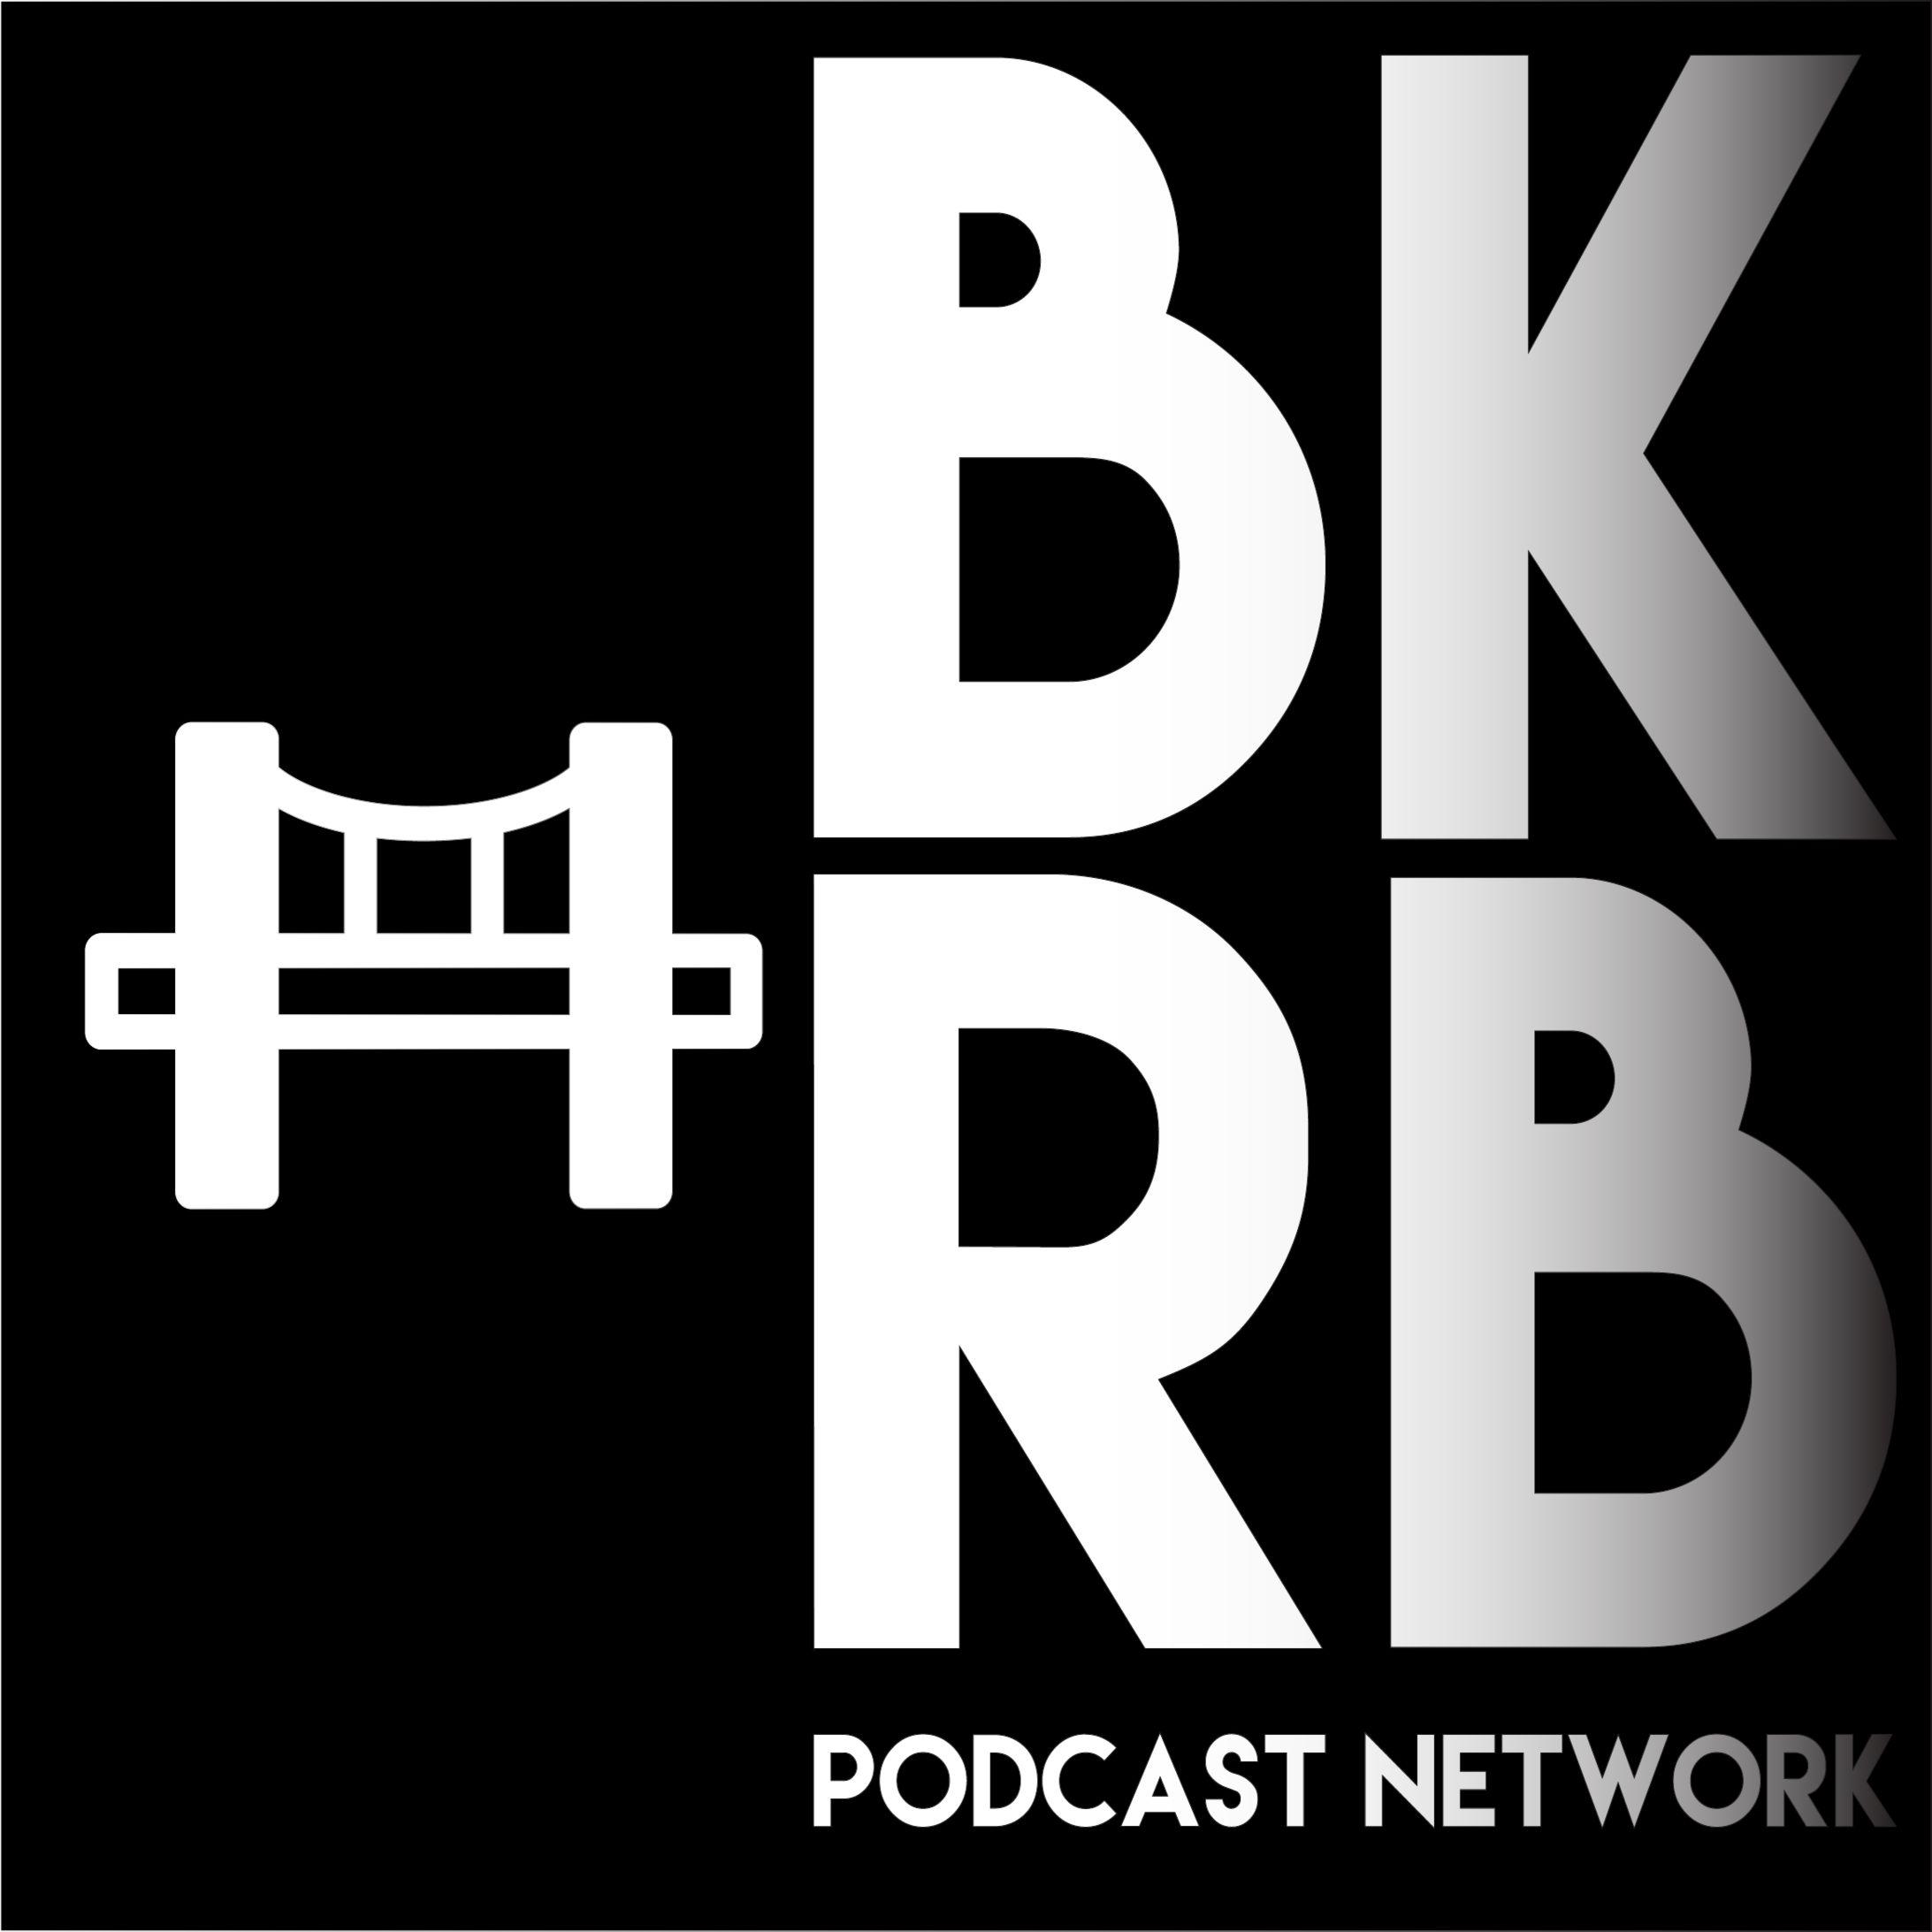 <![CDATA[Brooklyn Rebound Network]]>